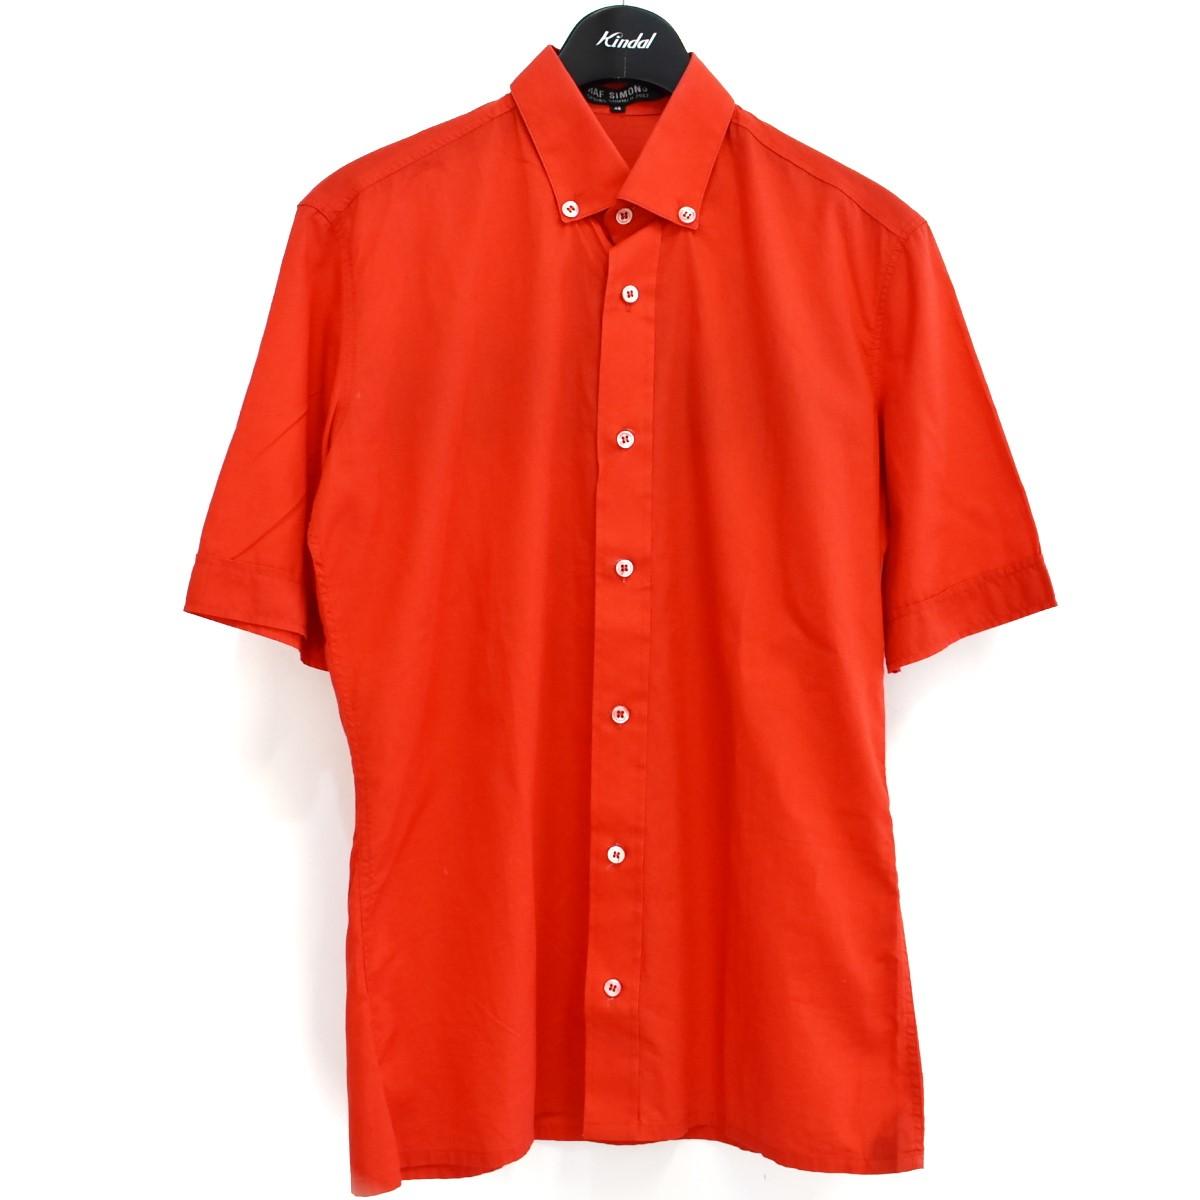 トップス, カジュアルシャツ RAF SIMONS 2002ss Be Pure Be Vigilant Behave Shirt 46 270621